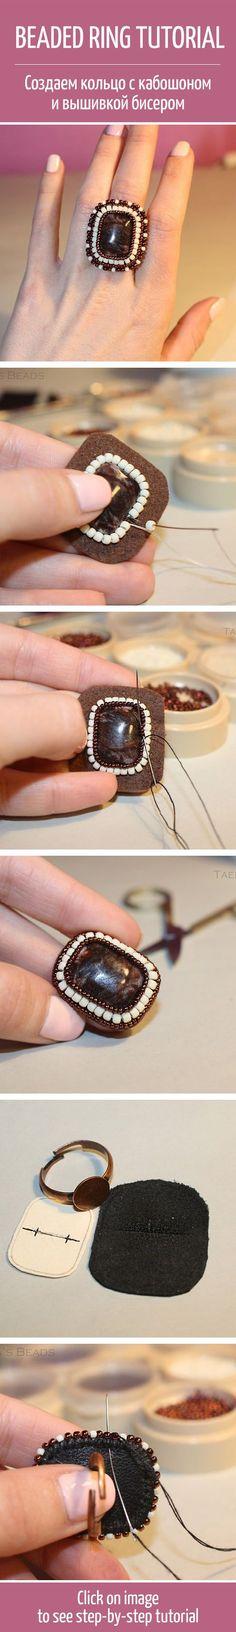 Beaded ring tutorial #handmade #art #design  /  Создаем кольцо с кабошоном и вышивкой бисером: